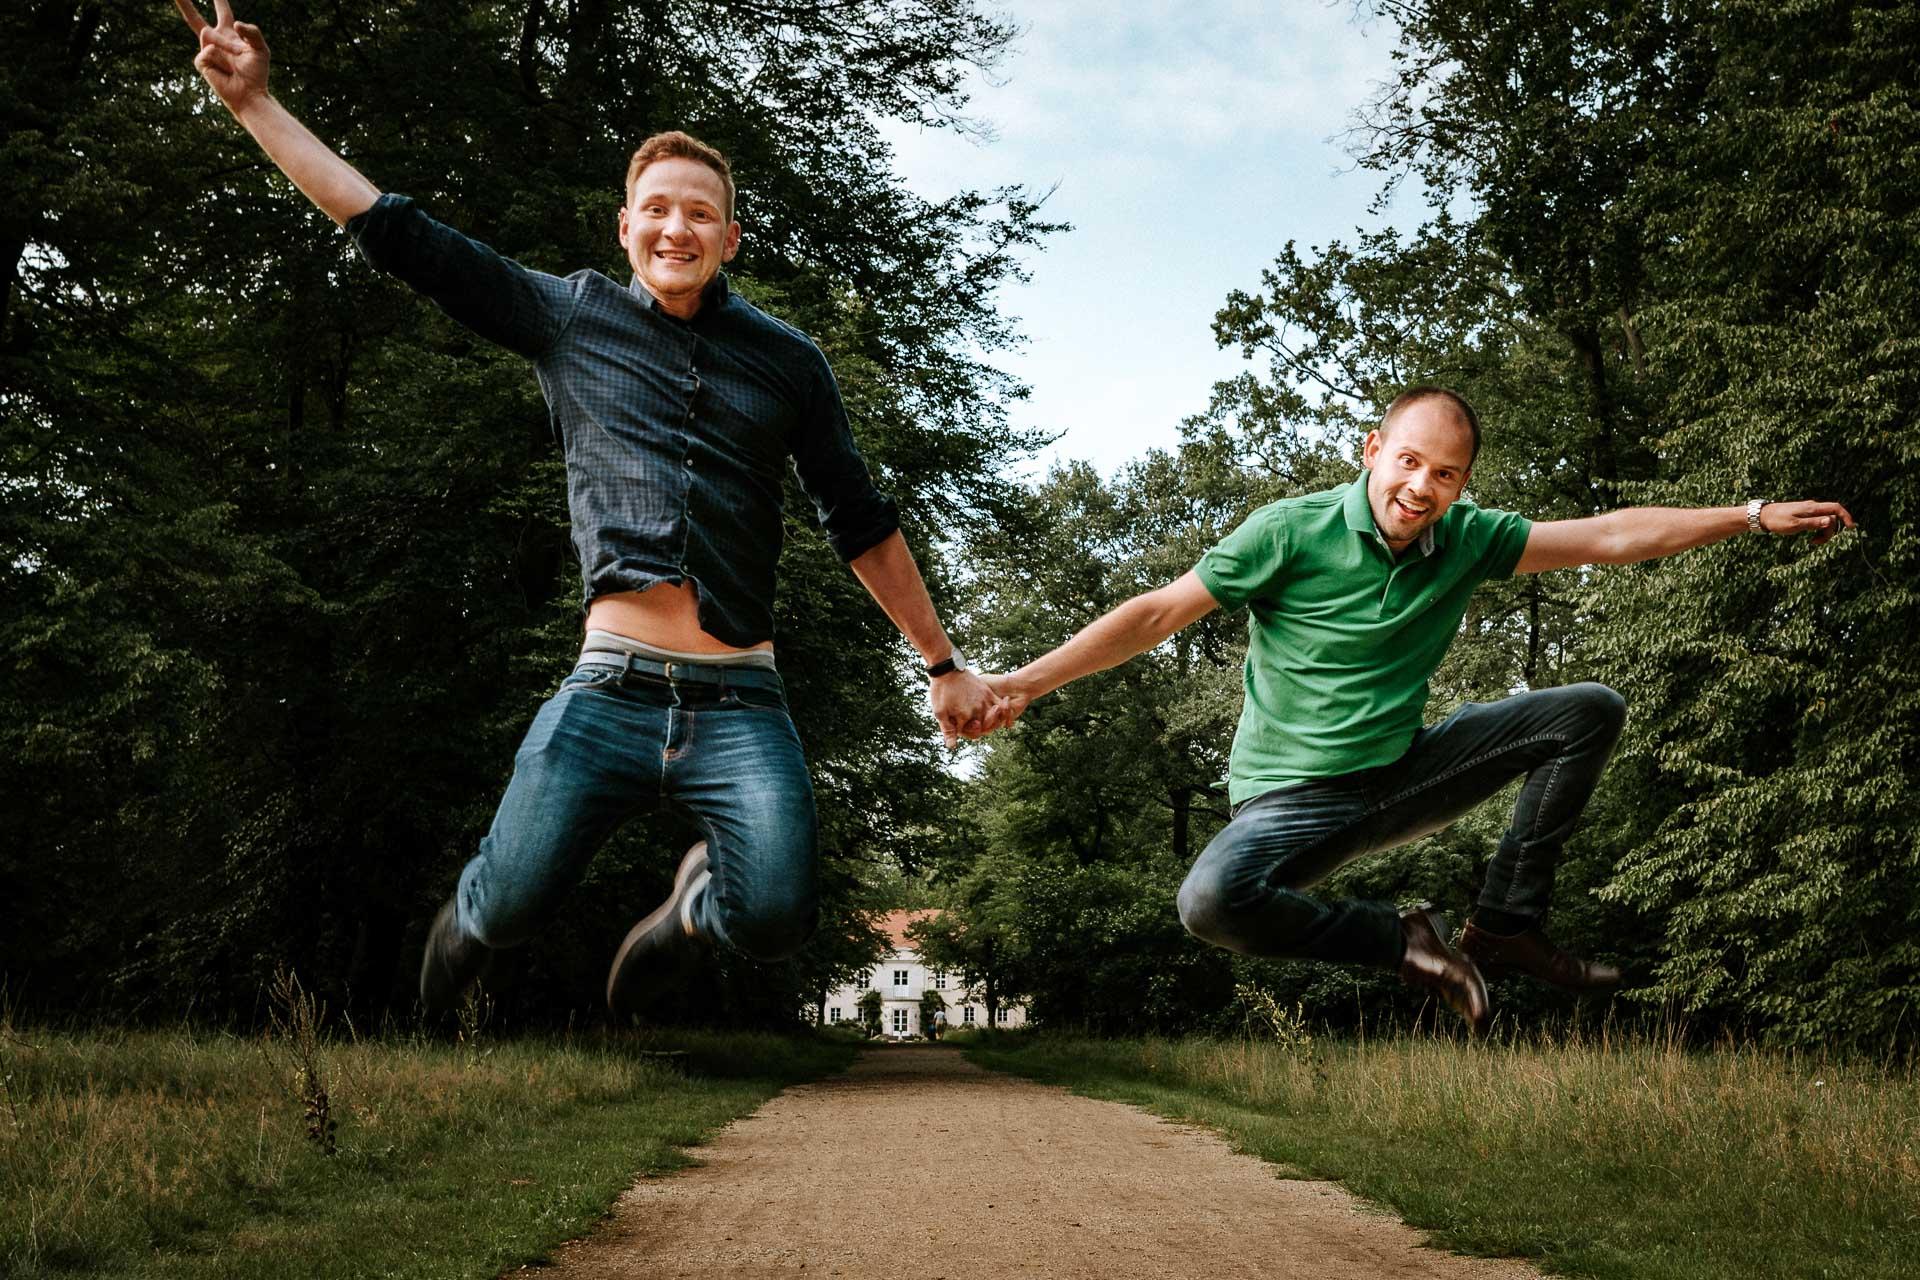 Paar springt in die Luft